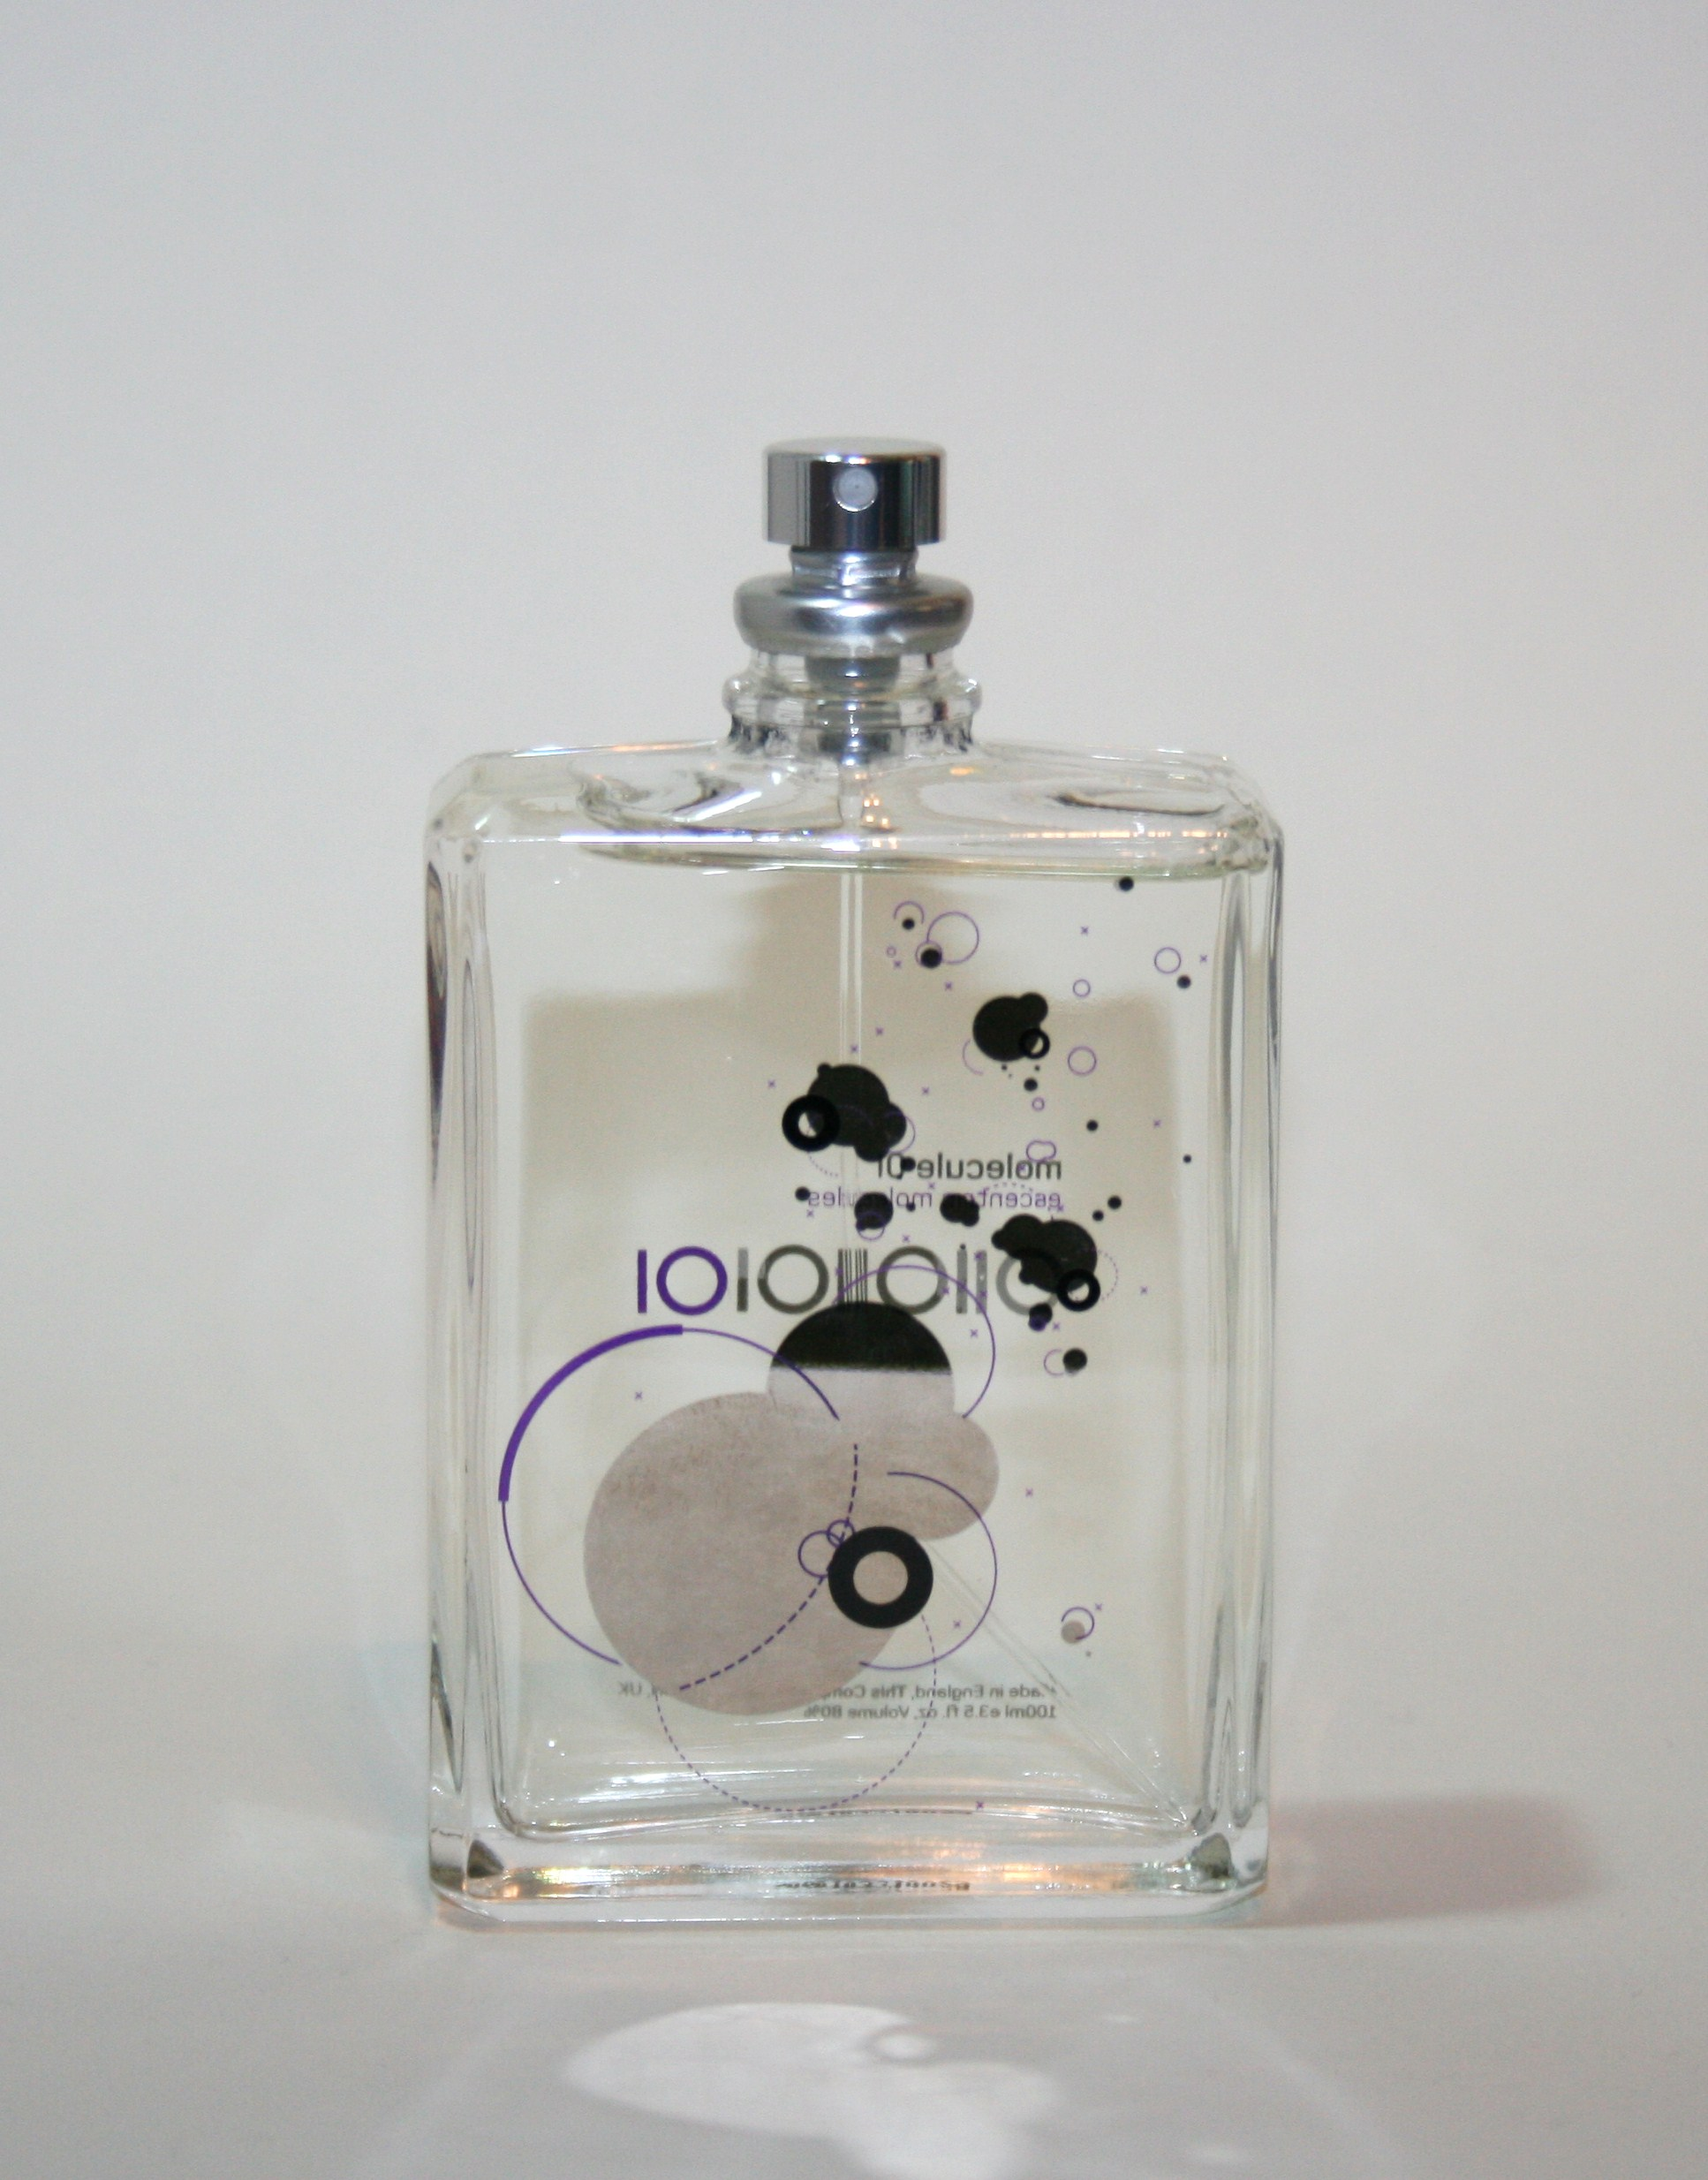 Escentric Molecules Molecule 01 perfume: description, reviews, photos 40